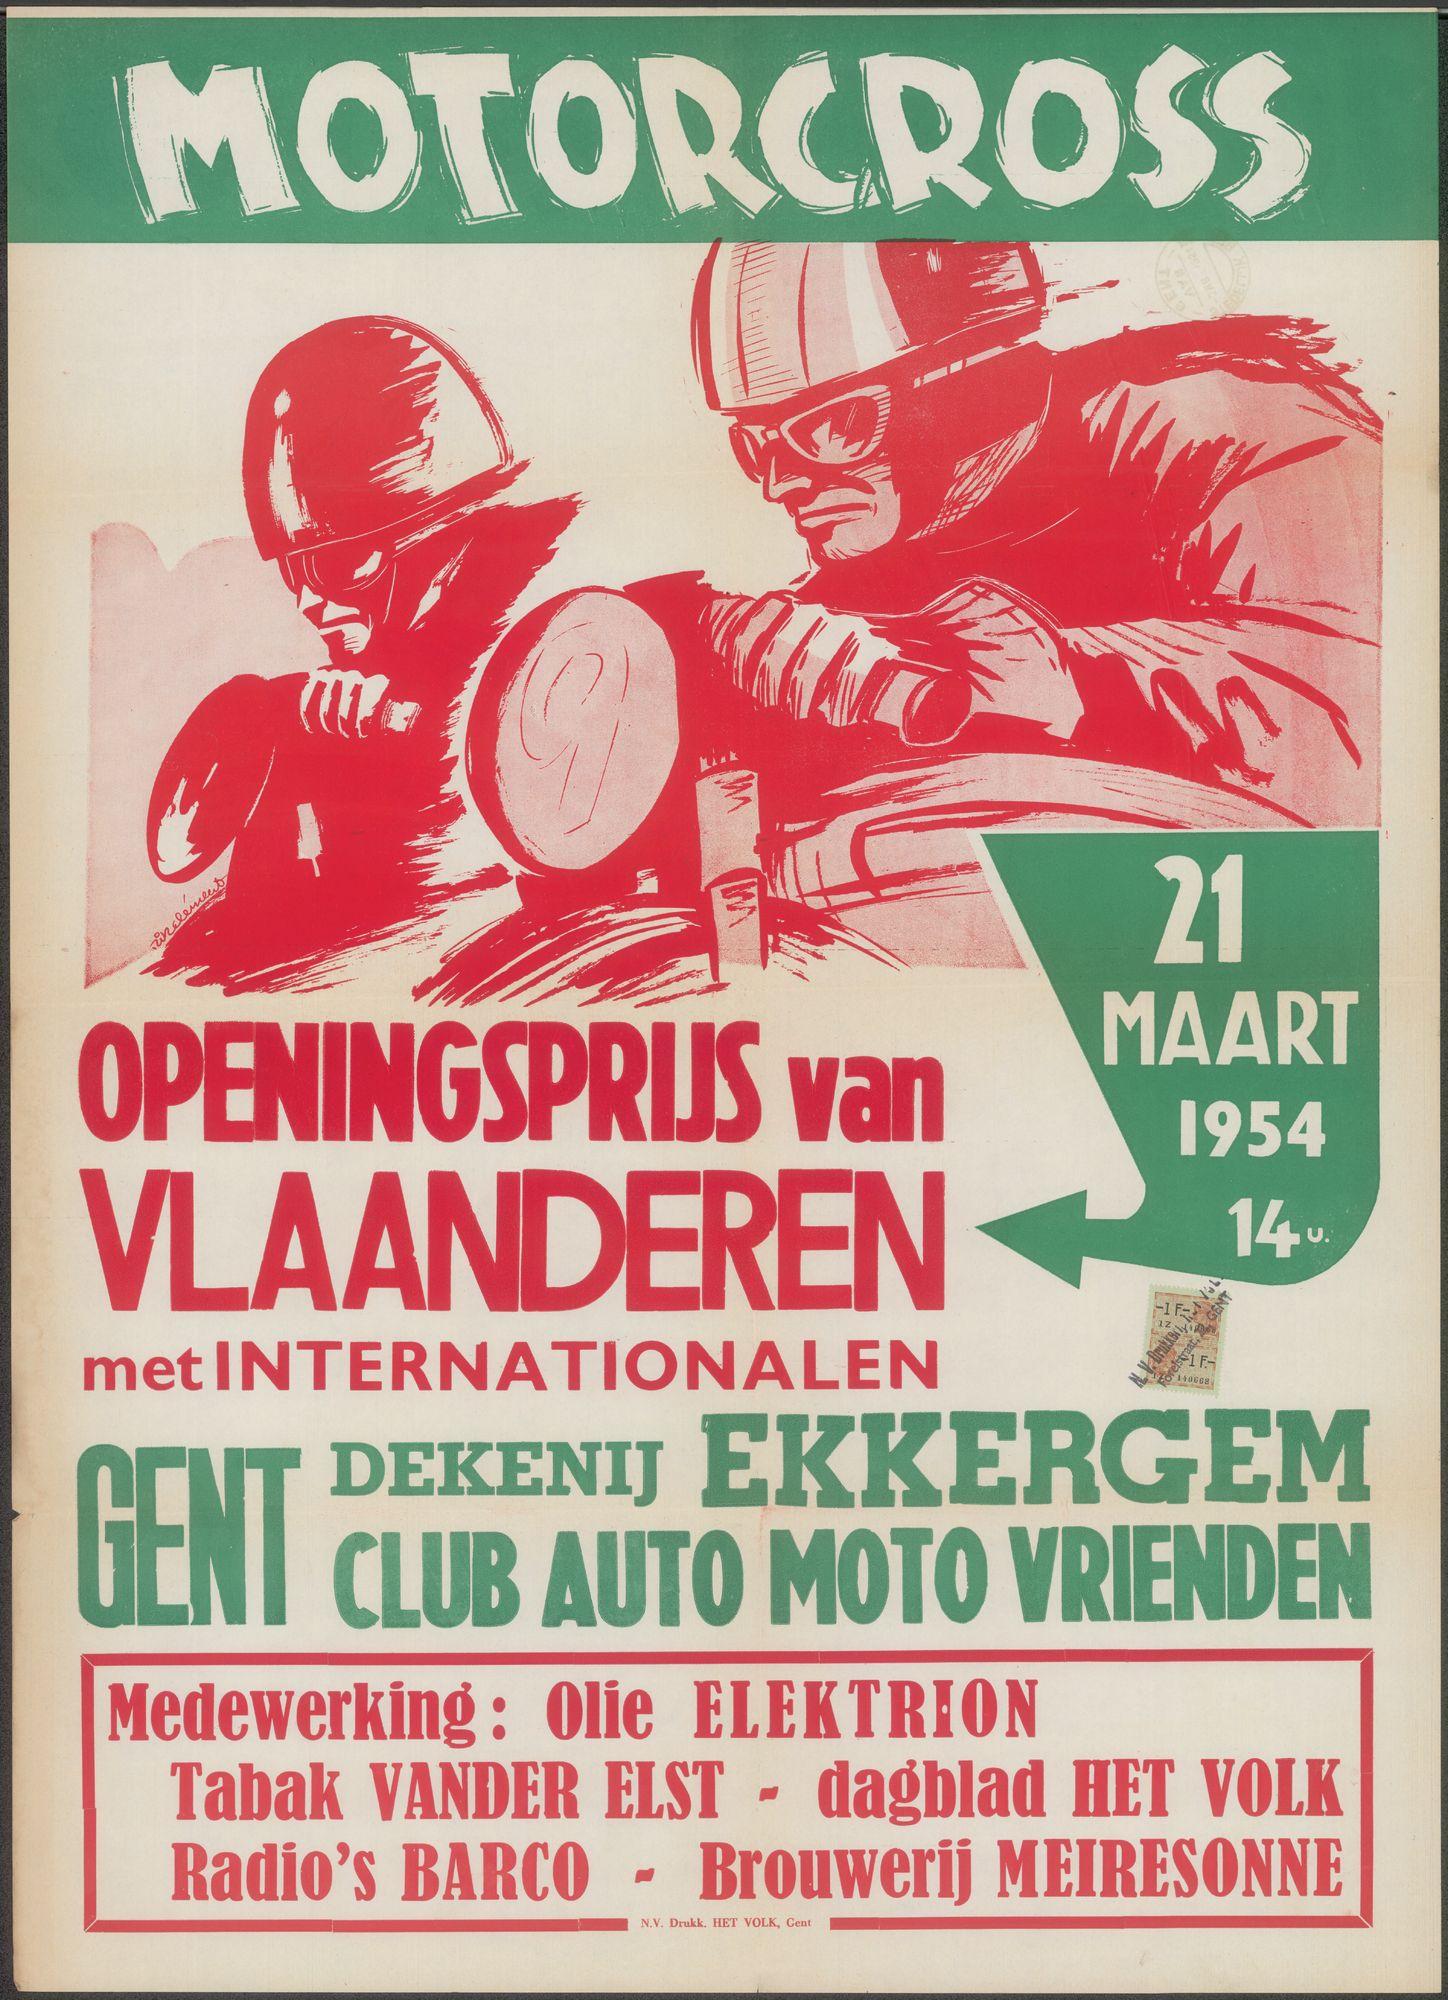 Motorcross, Openingsprijs van Vlaanderen met Internationalen, Gent, Dekenij Ekkergem, 21 maart 1954